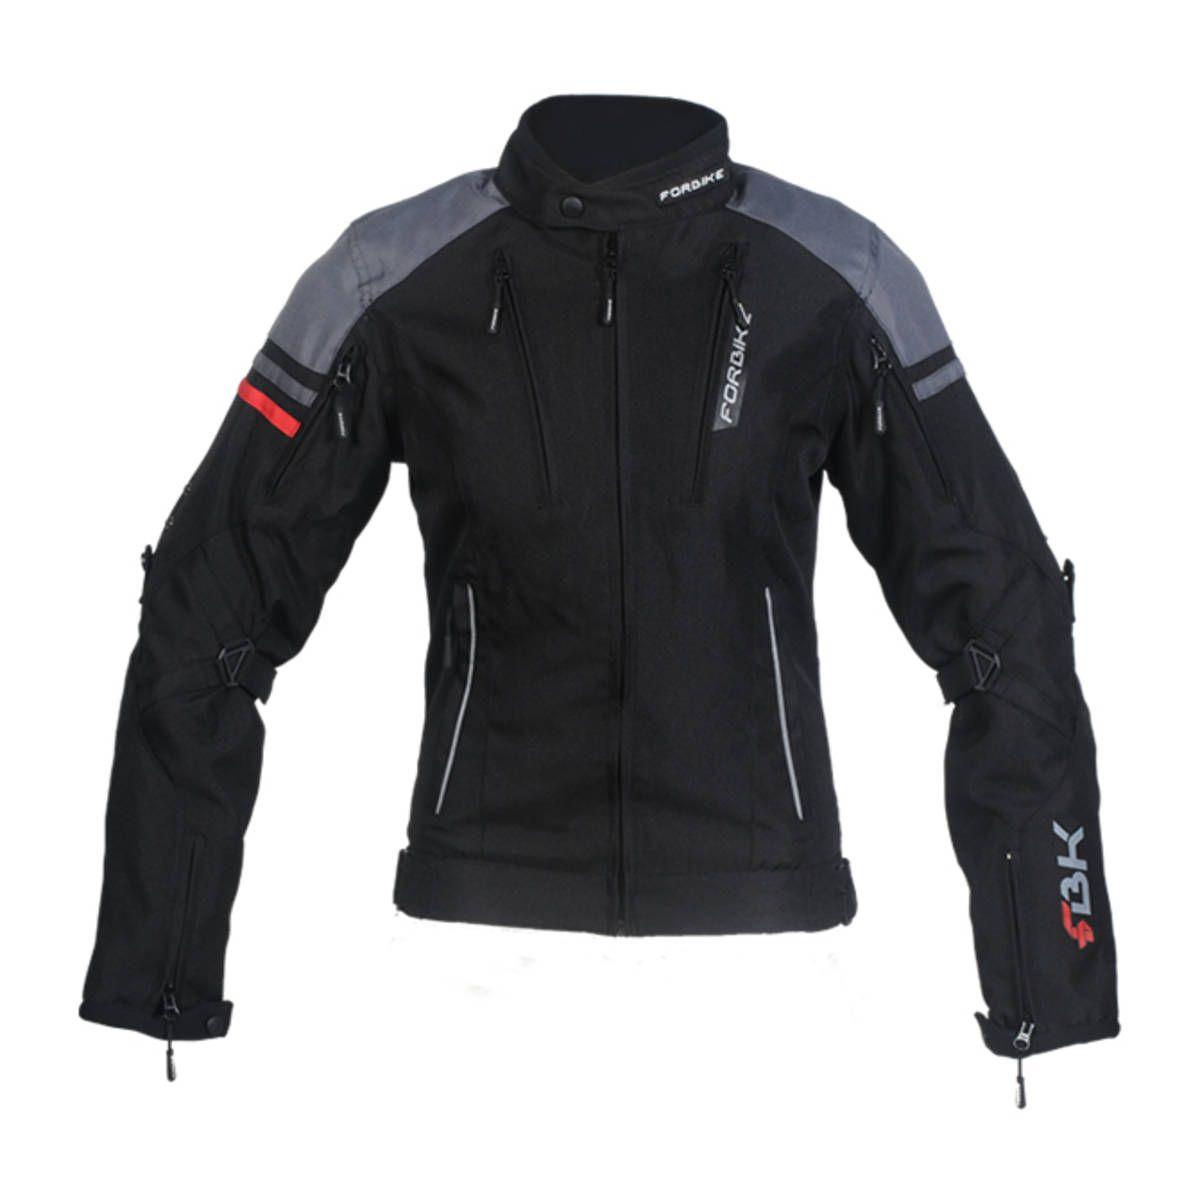 Jaqueta Forbike Impermeável  - Ditesta & Daihead - Moto Store